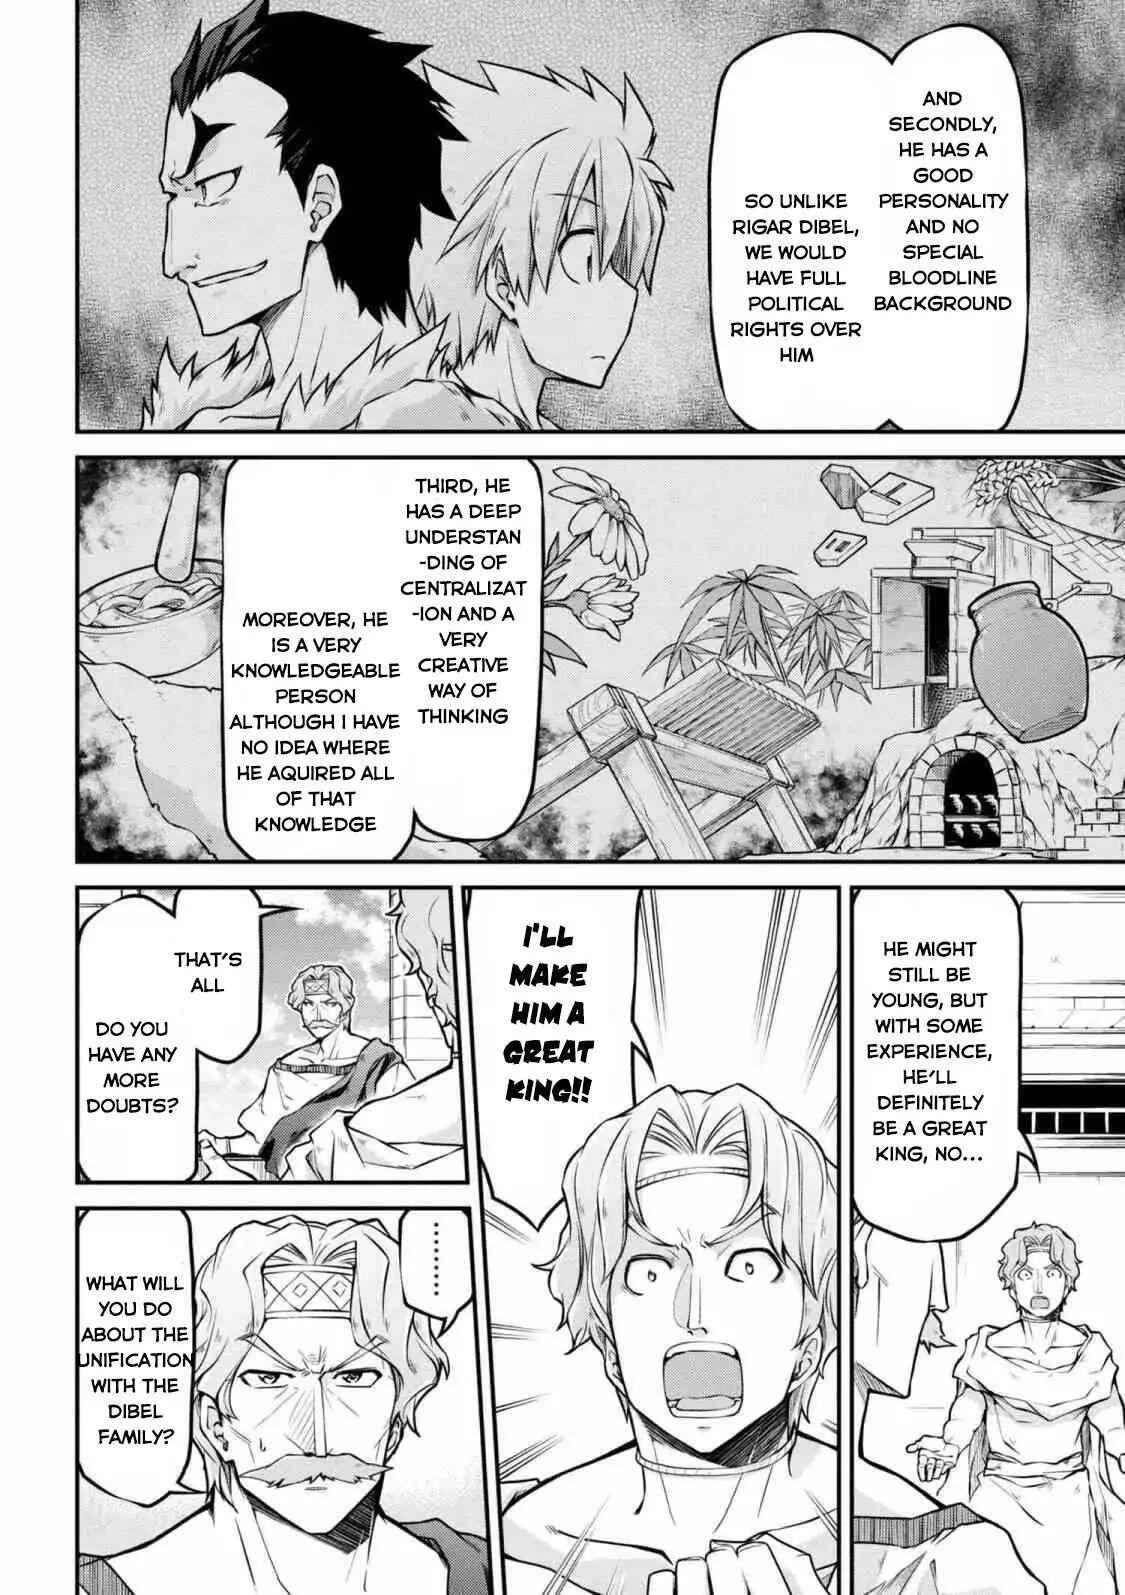 Isekai Kenkokuki - chapter 21.2-eng-li